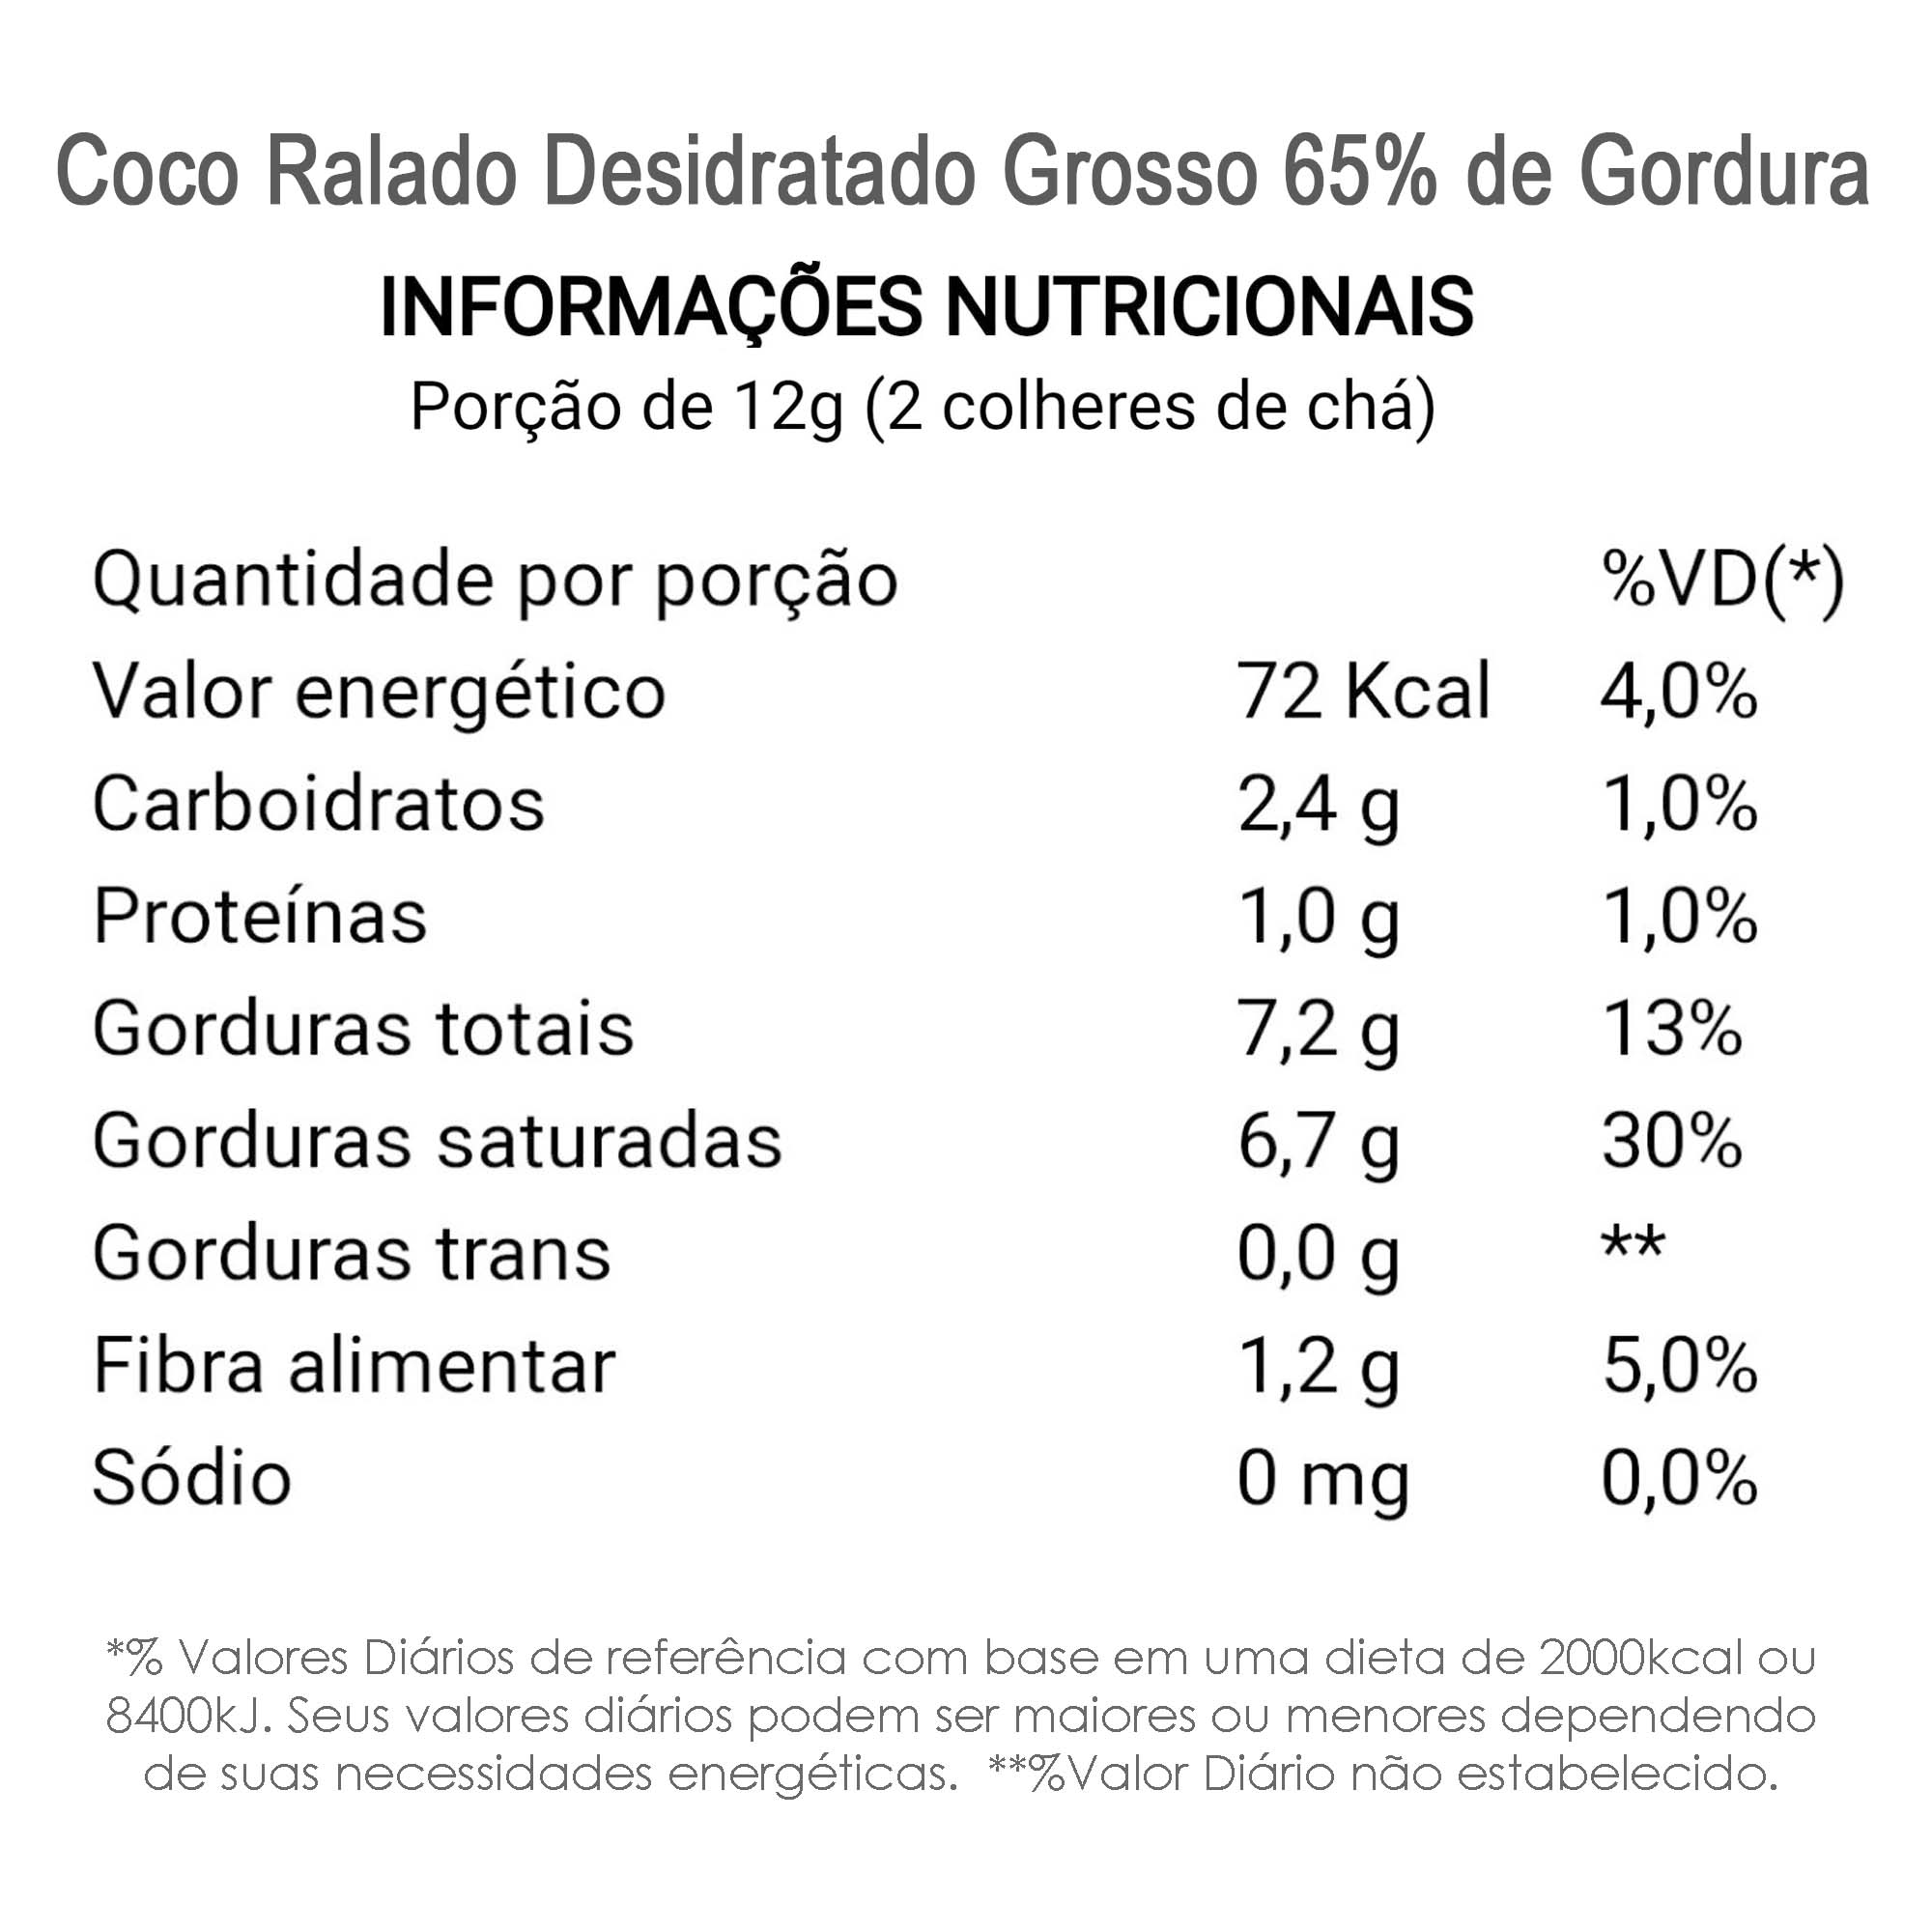 Coco Ralado Desidratado Grosso 65% Gordura (sem açucar) 500g  - TLC Tudo Low Carb